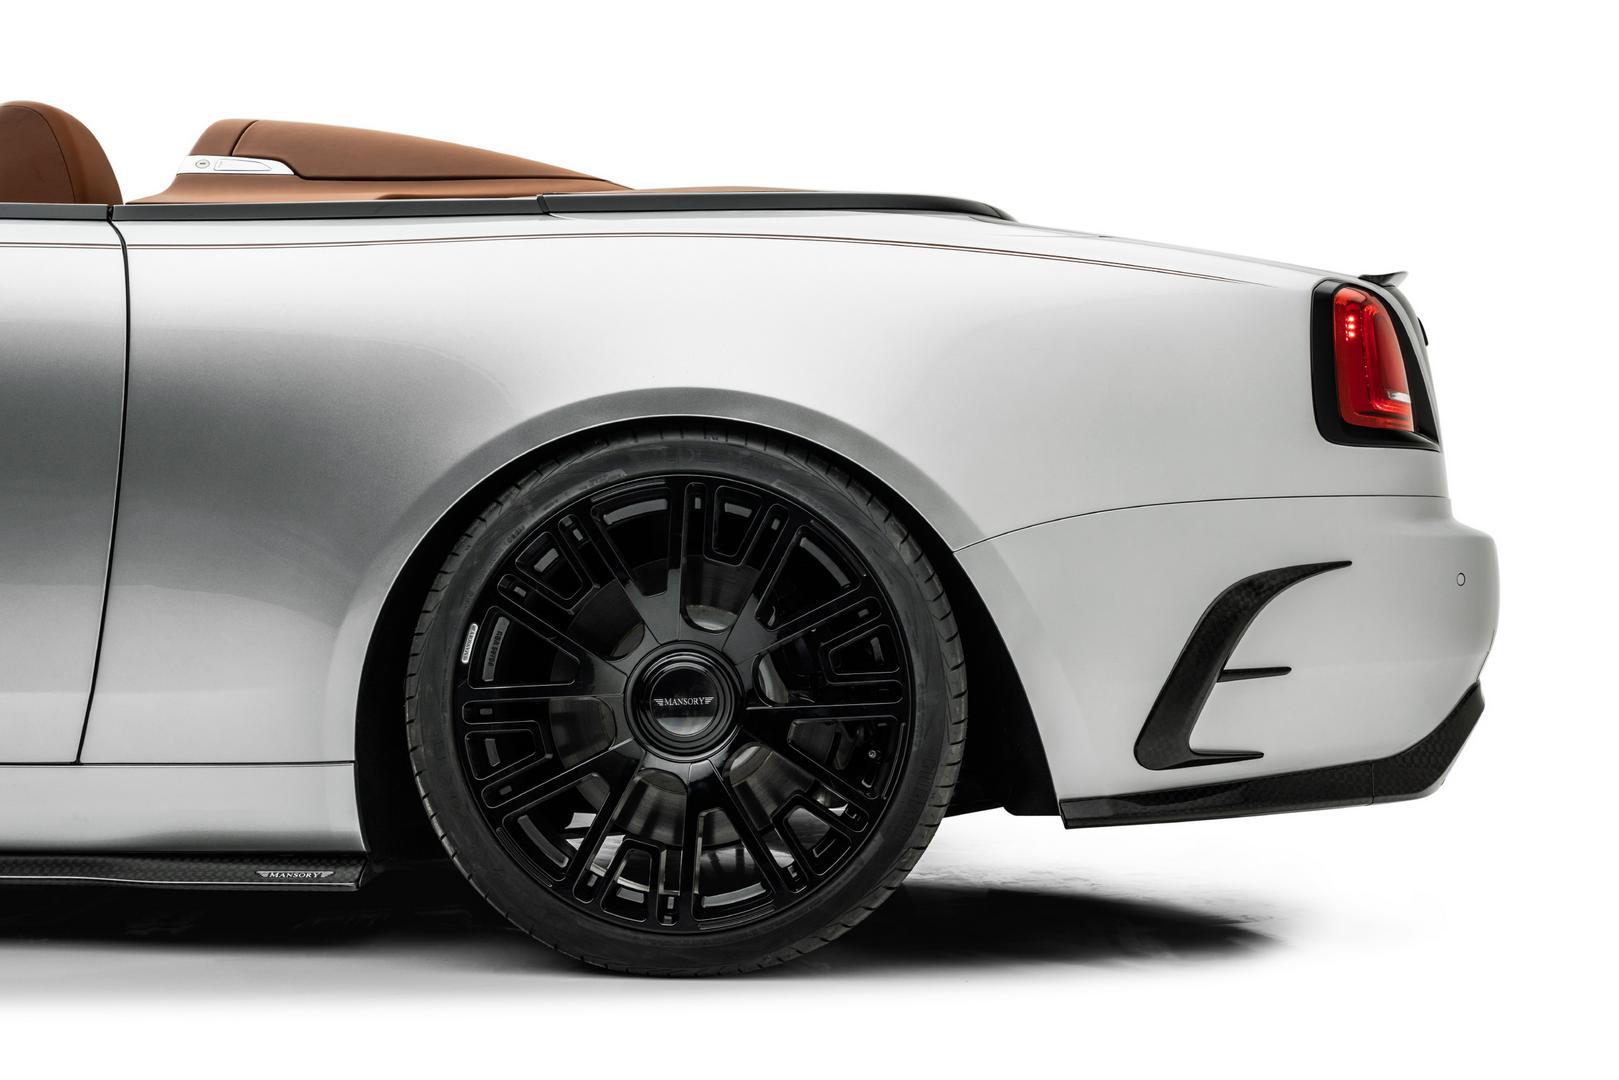 Mansory RR Dawn wheels